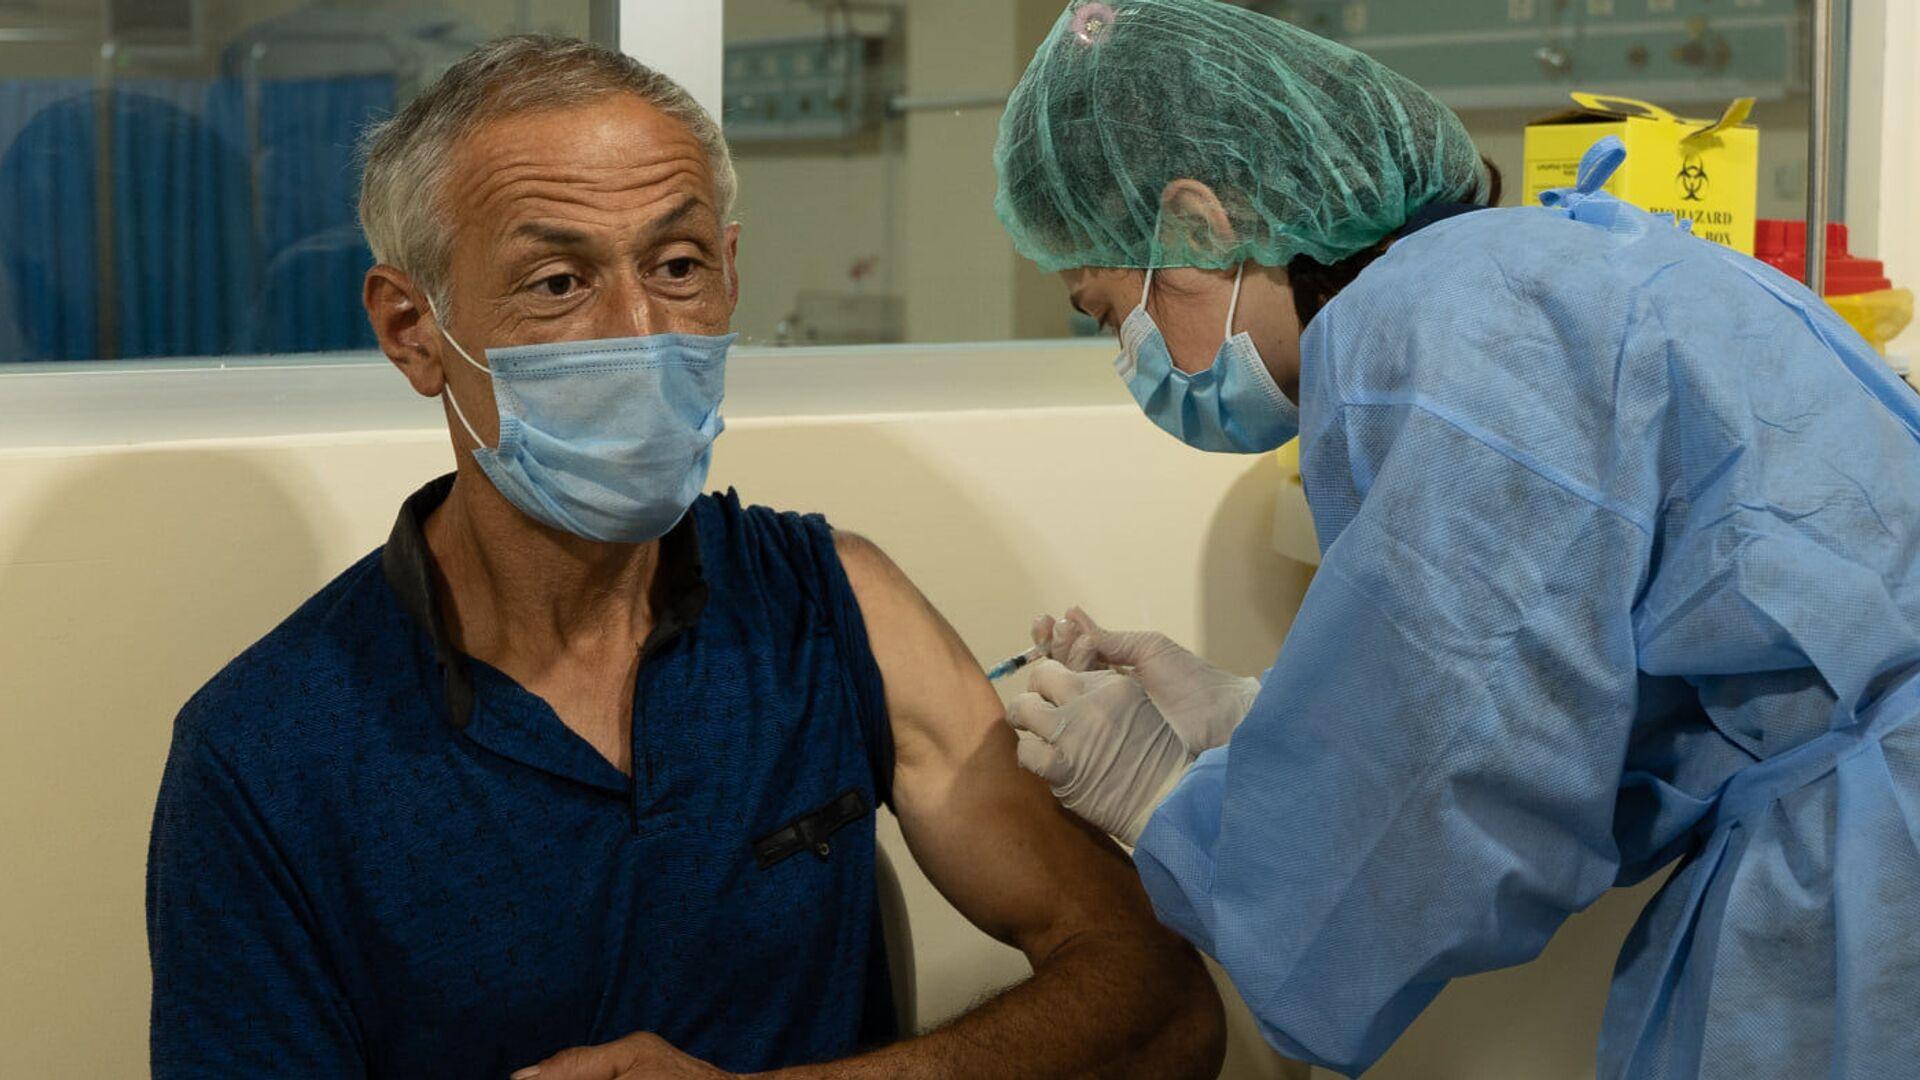 Эпидемия коронавируса - вакцинация пожилых людей и стариков в Аджарии  - Sputnik Грузия, 1920, 02.09.2021